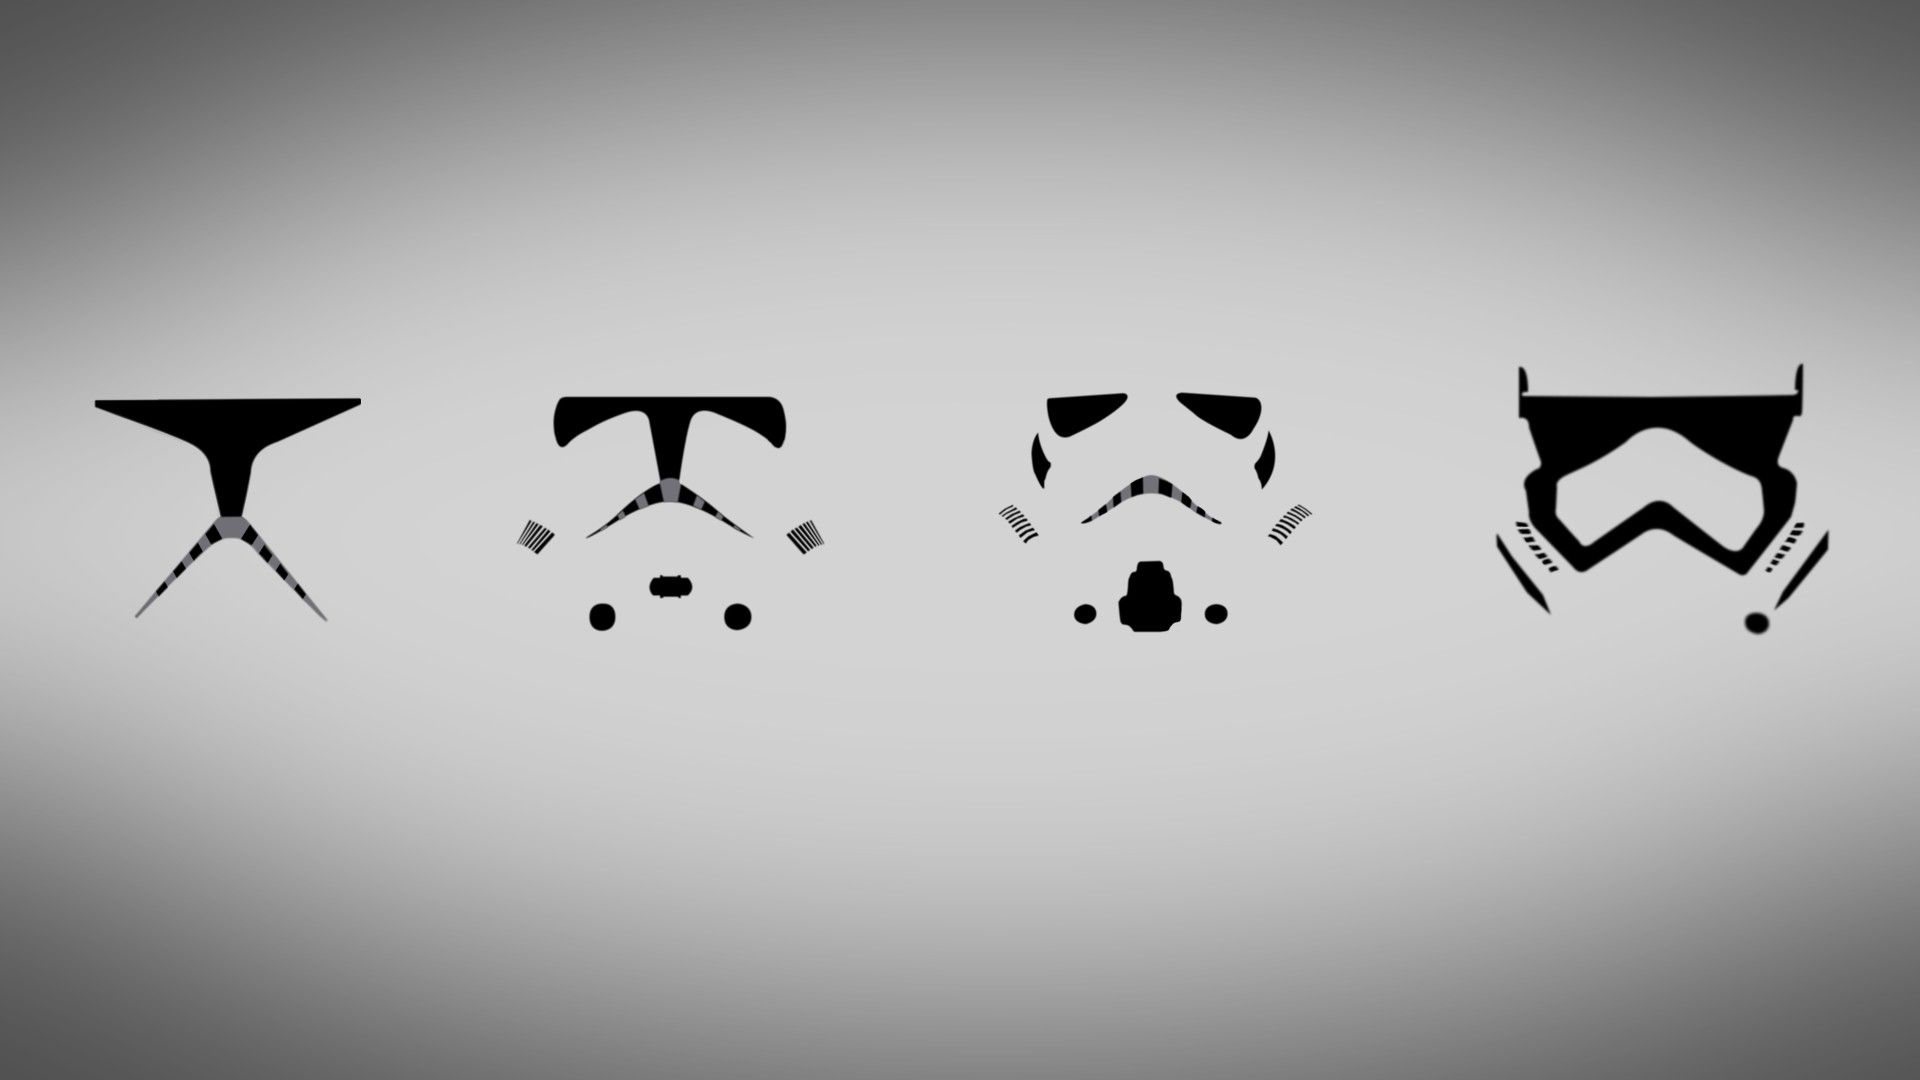 Star Wars Minimalist Free Download Wallpaper